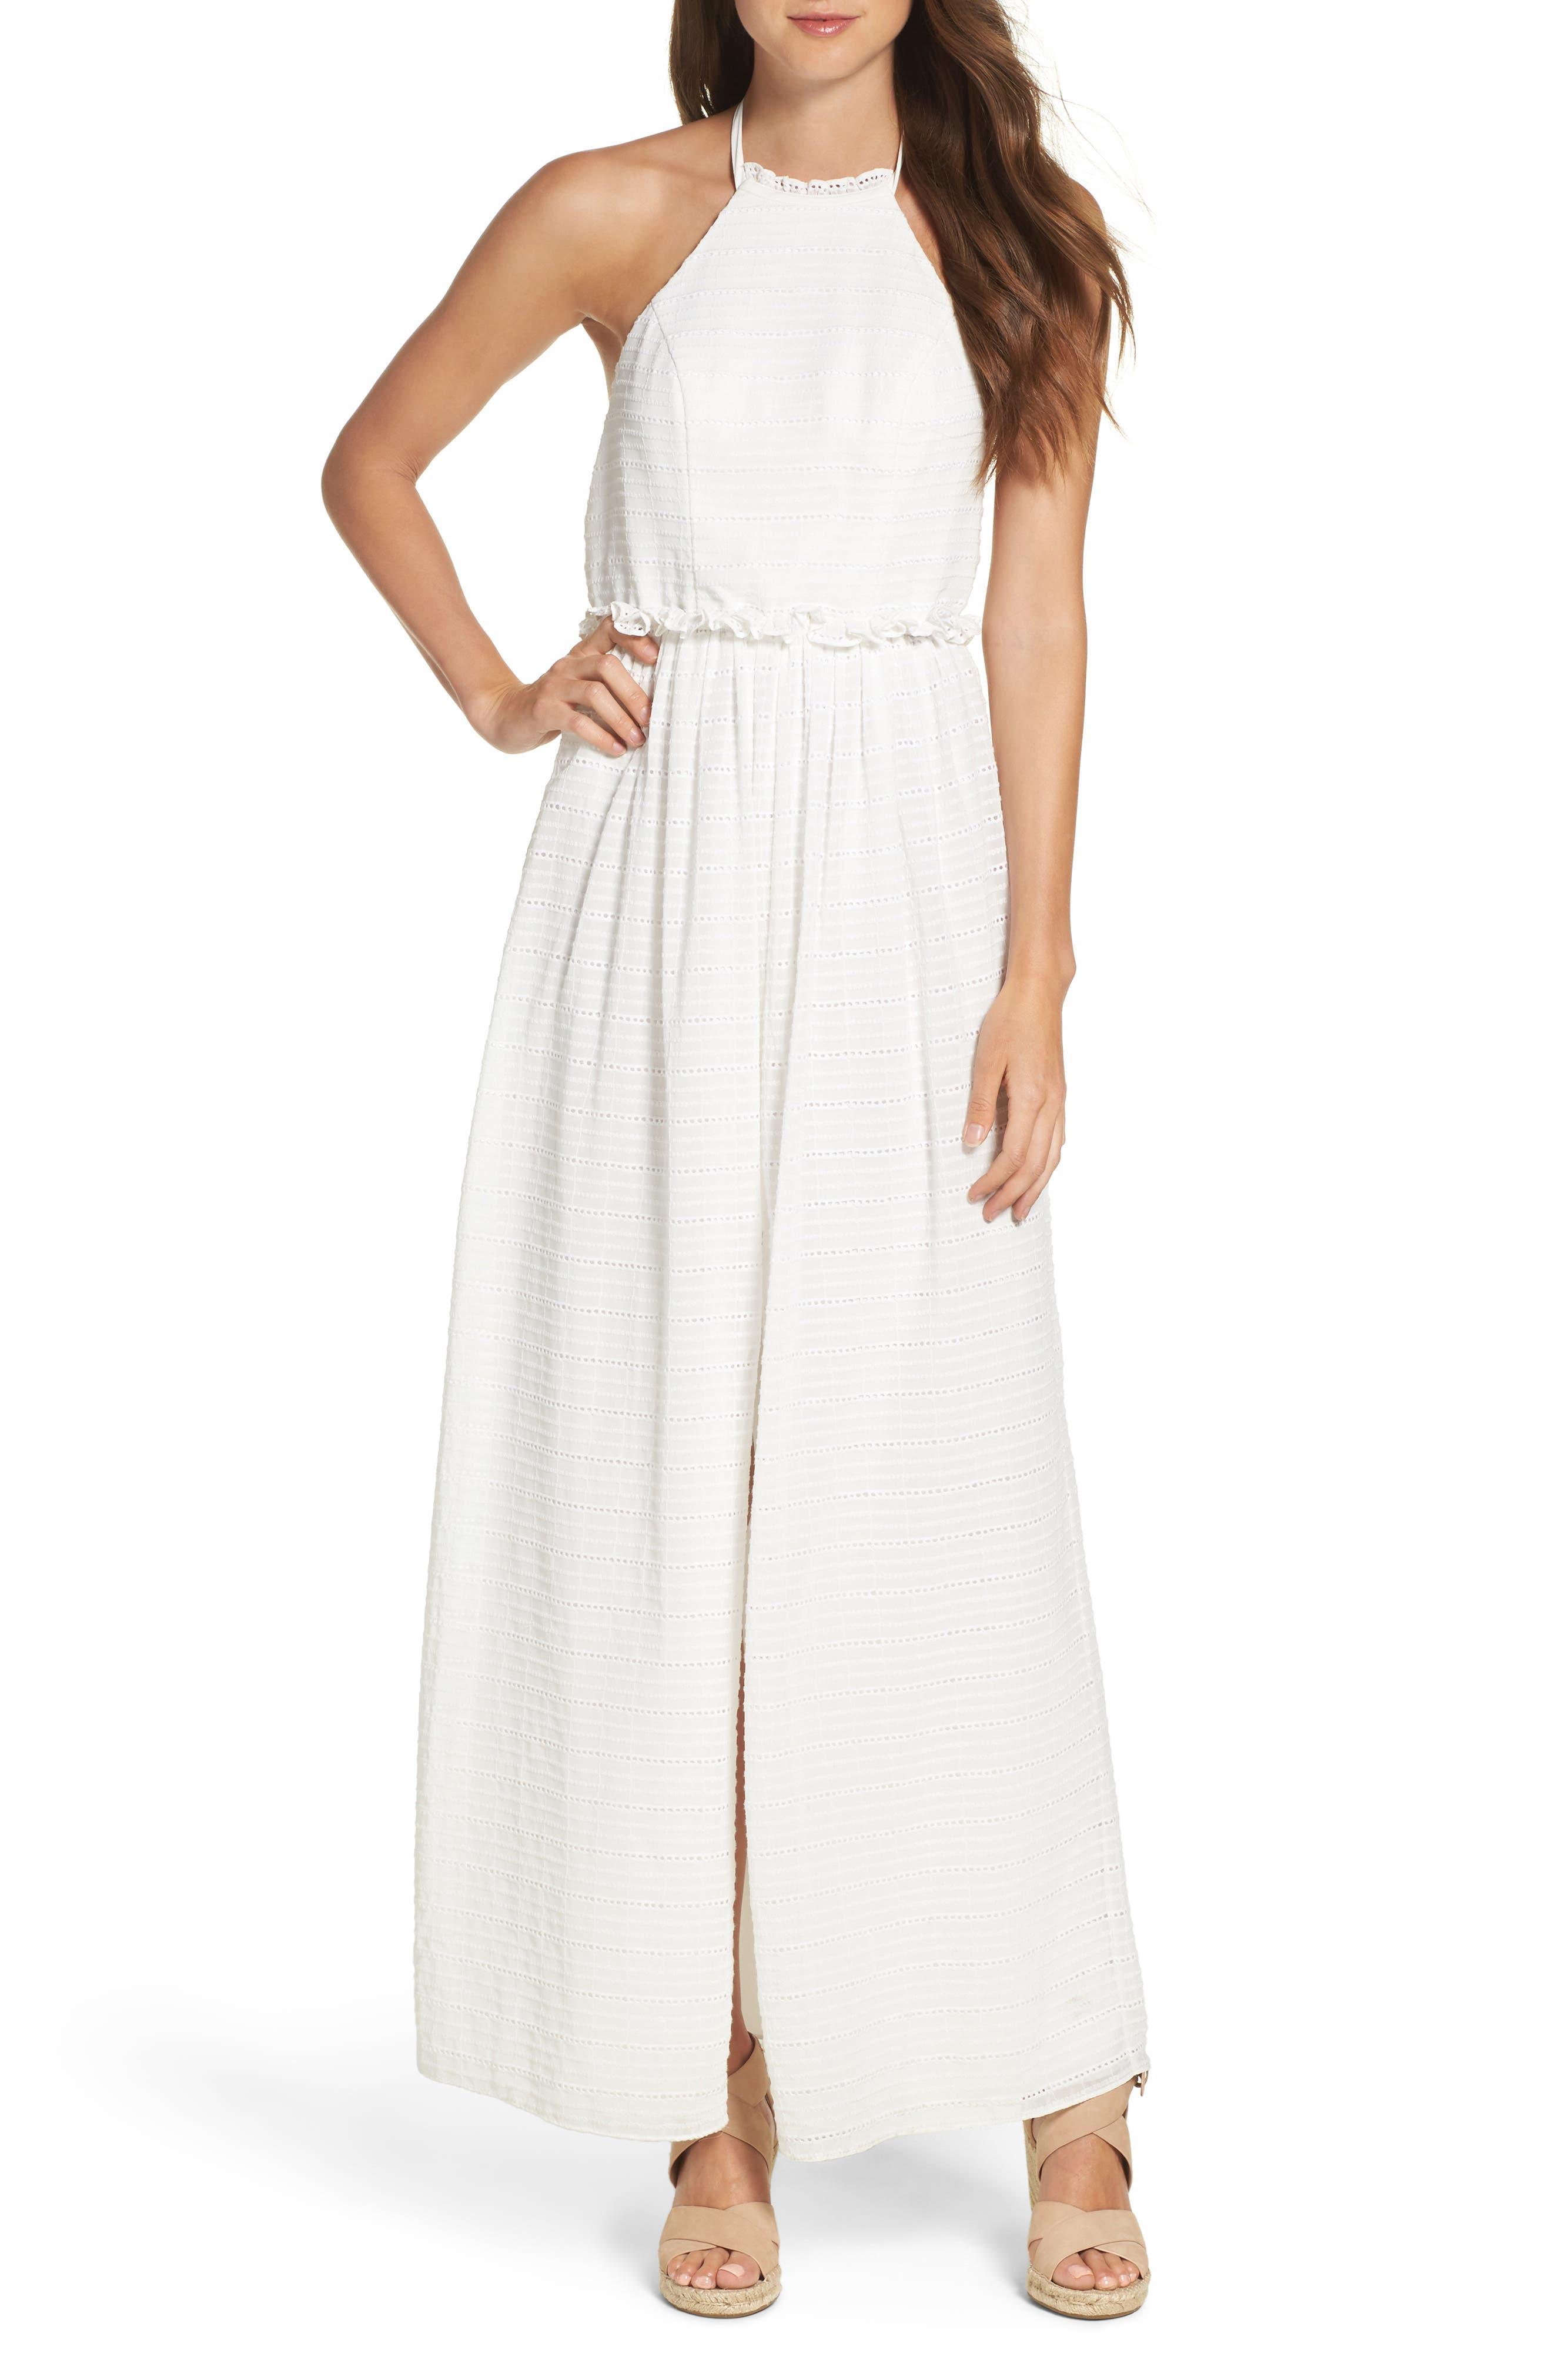 Ali & Jay Polo Club Maxi Dress